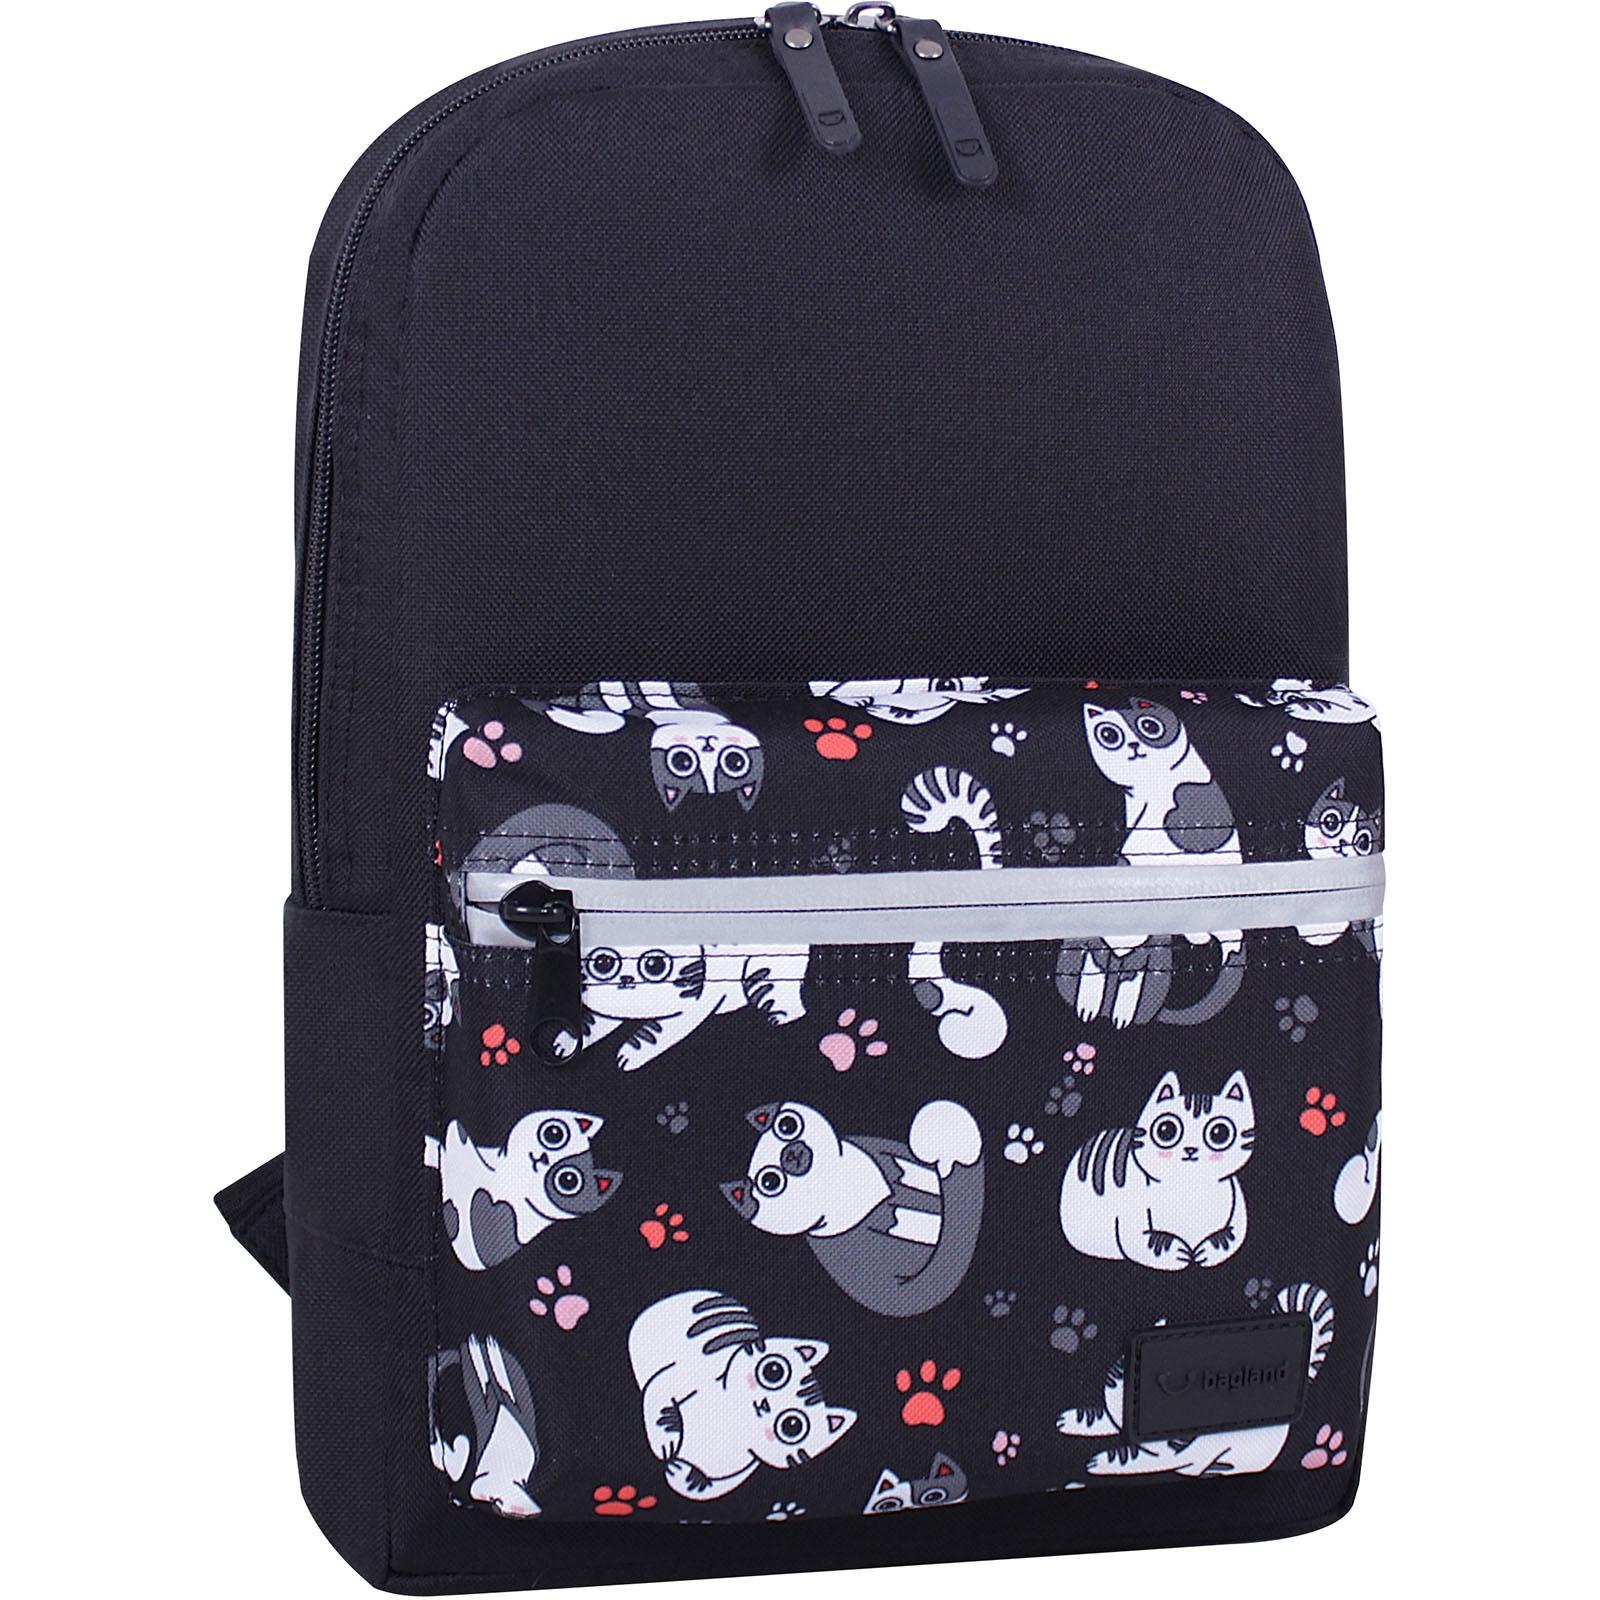 Детские рюкзаки Рюкзак Bagland Молодежный mini 8 л. черный 776 (0050866) IMG_6792_суб.776_.JPG